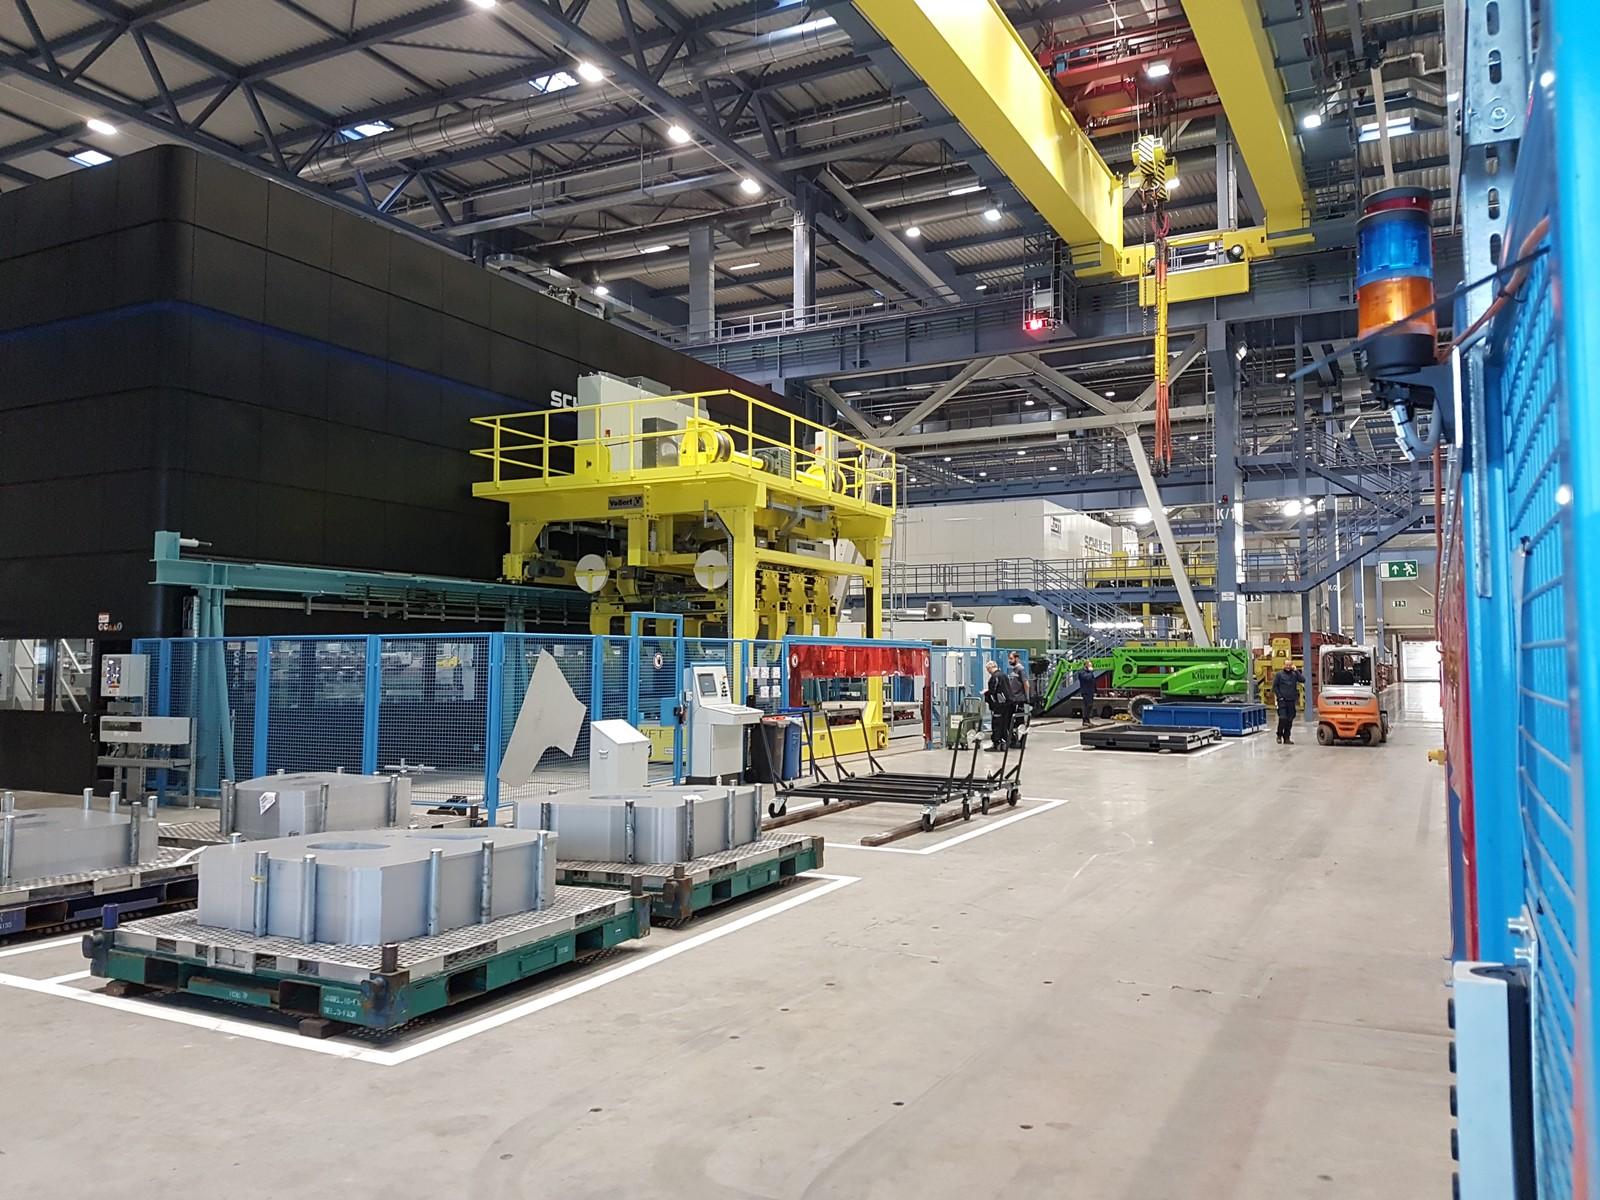 Hochregallager zur Blechplatinen-Lagerung im Mercedes-Benz-Presswerk in Bremen. Lastumsetzer, Hubwagen und ein fahrerloses Transportfahrzeug (FTS) sorgen für die reibungslose Verkettung bis hin zur Abnahme der fertigen Bauteile am Ende der Presslinie